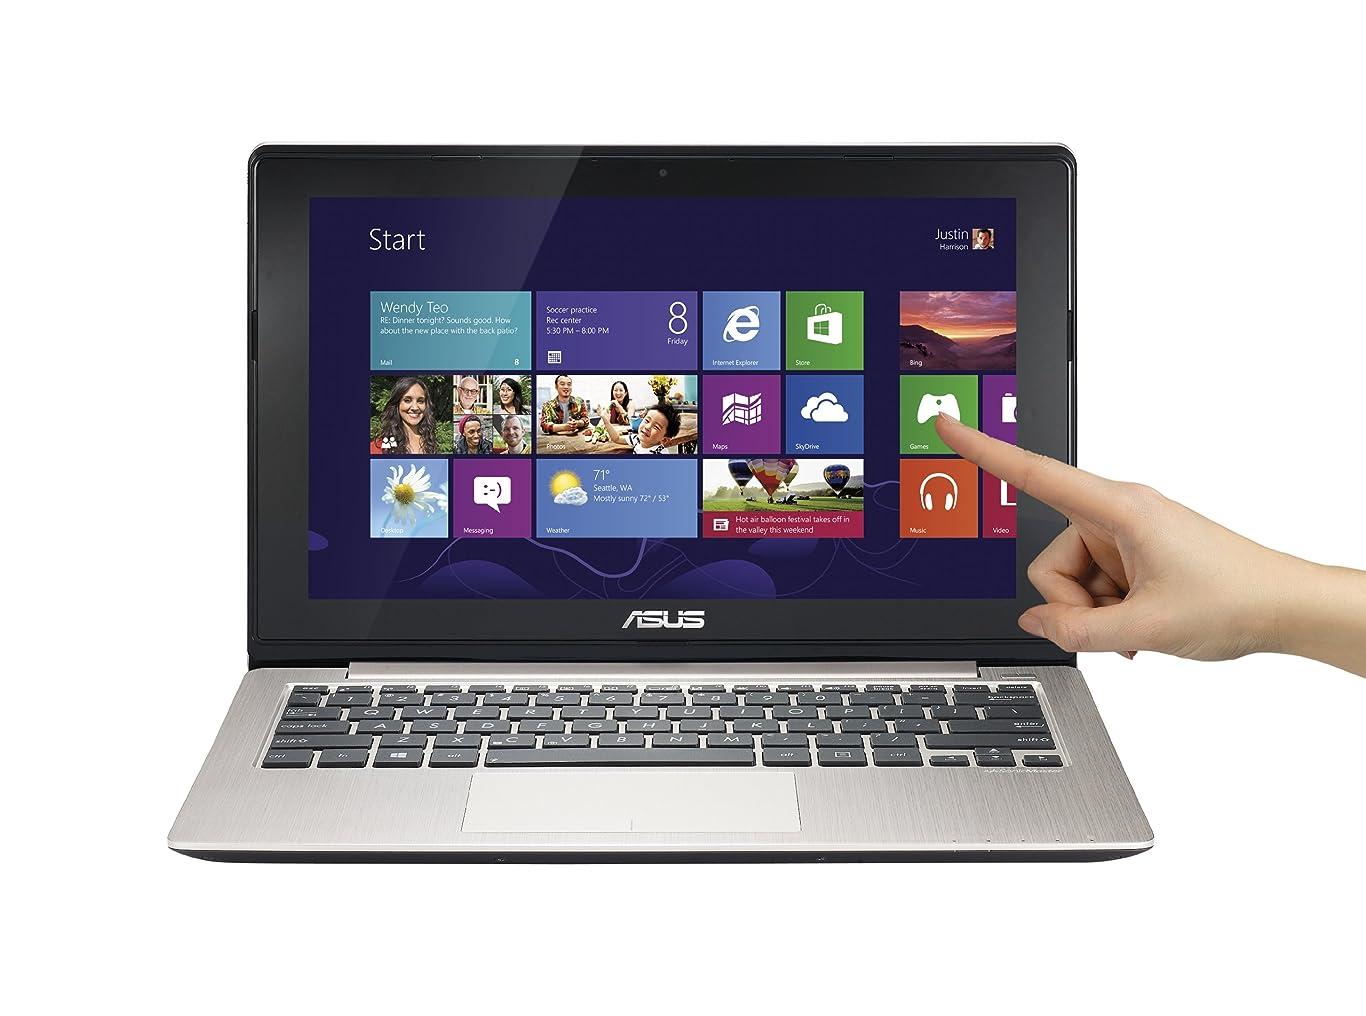 森仕えるゆるいエイスース ノートパソコン ASUS VivoBook X202E-DH31T 11.6-Inch Touch Laptop 【並行輸入品】 (Silver)